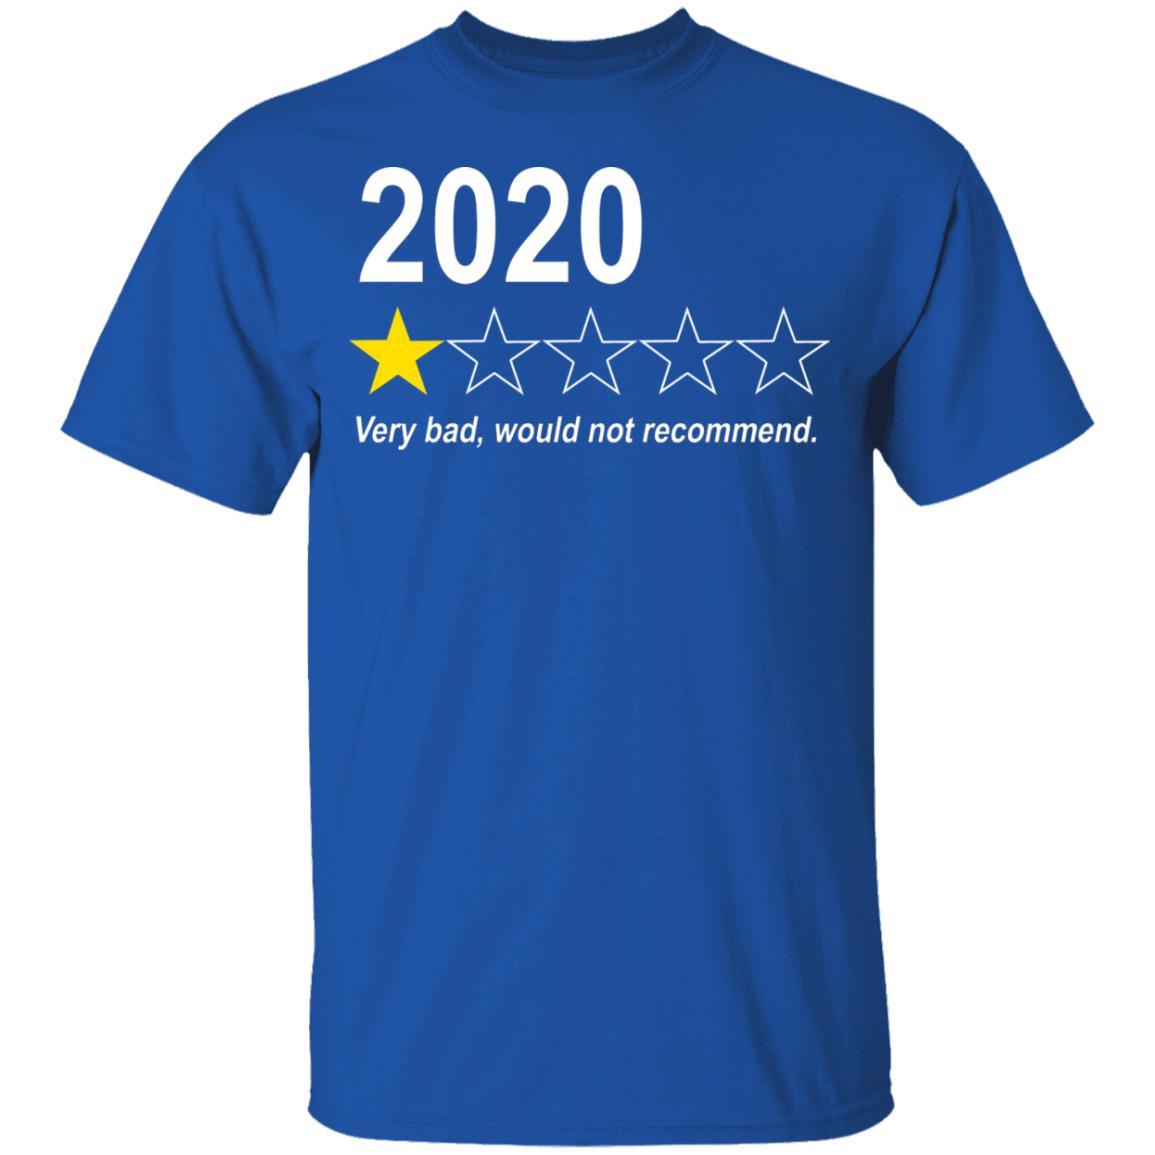 G500B Youth 5.3 oz 100% Cotton T-Shirt